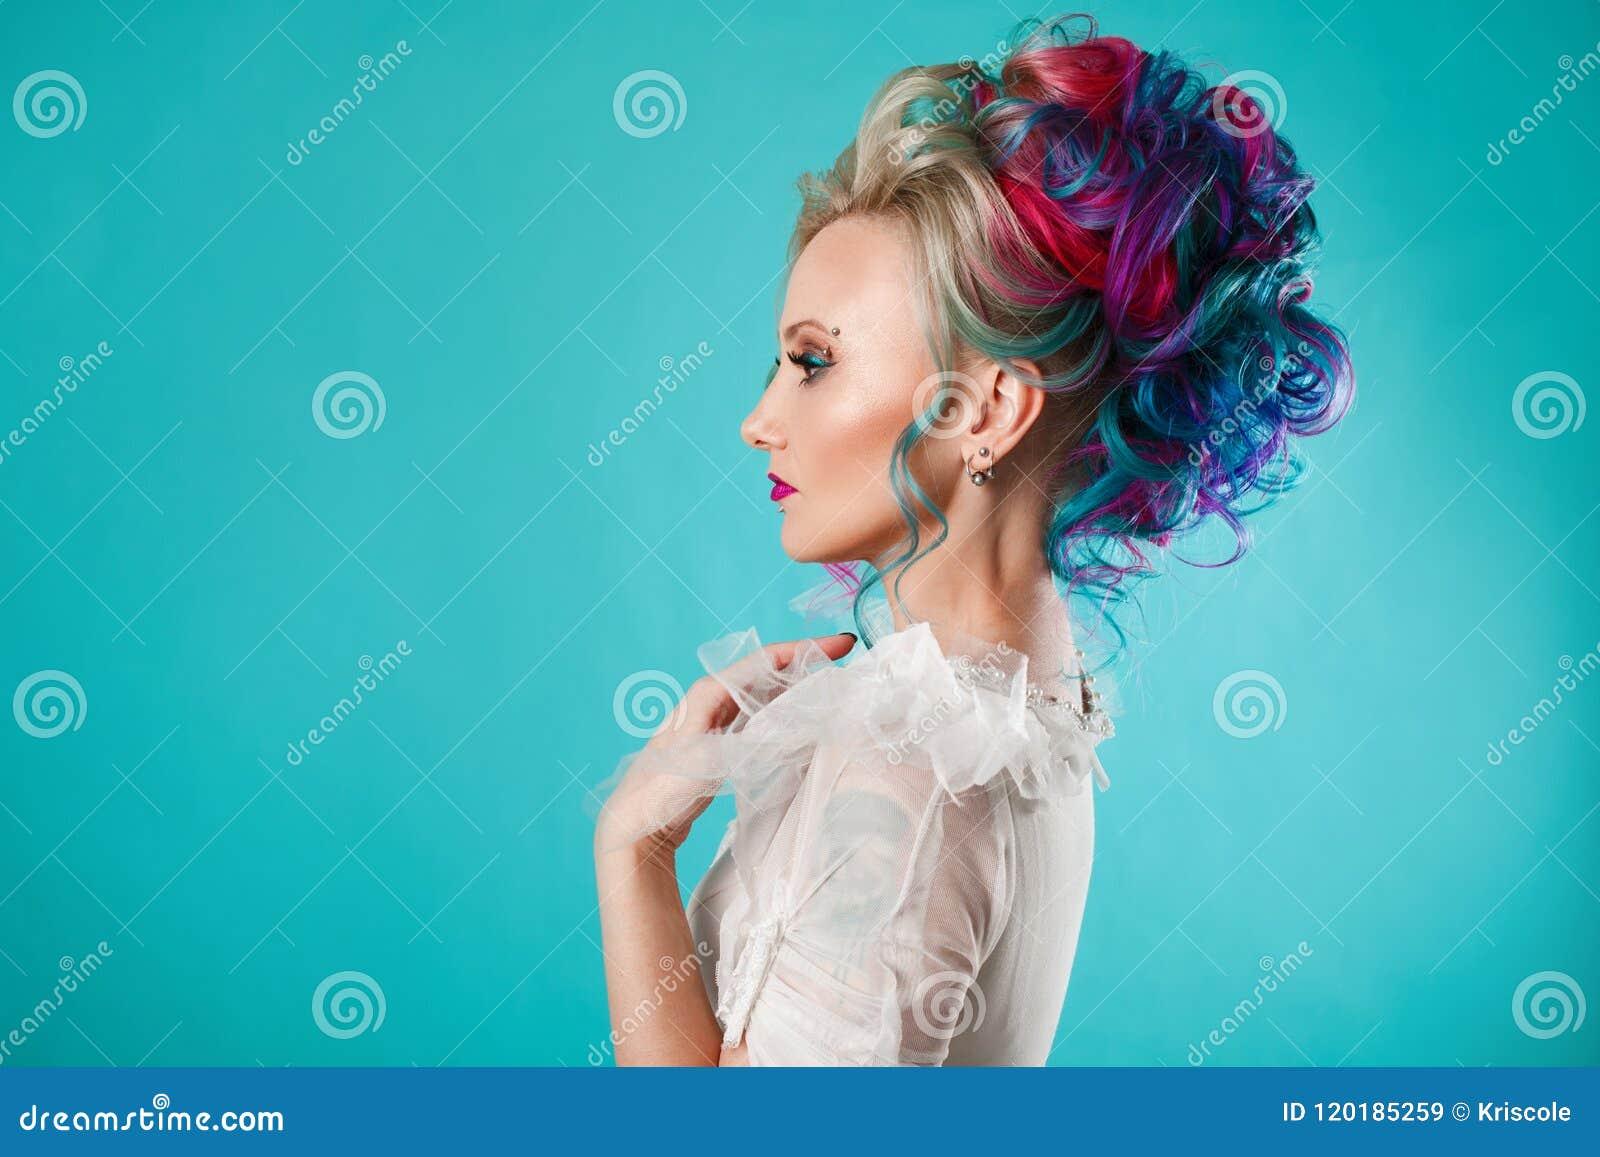 Mooie vrouw met creatieve haarkleuring Modieus kapsel, informele stijl